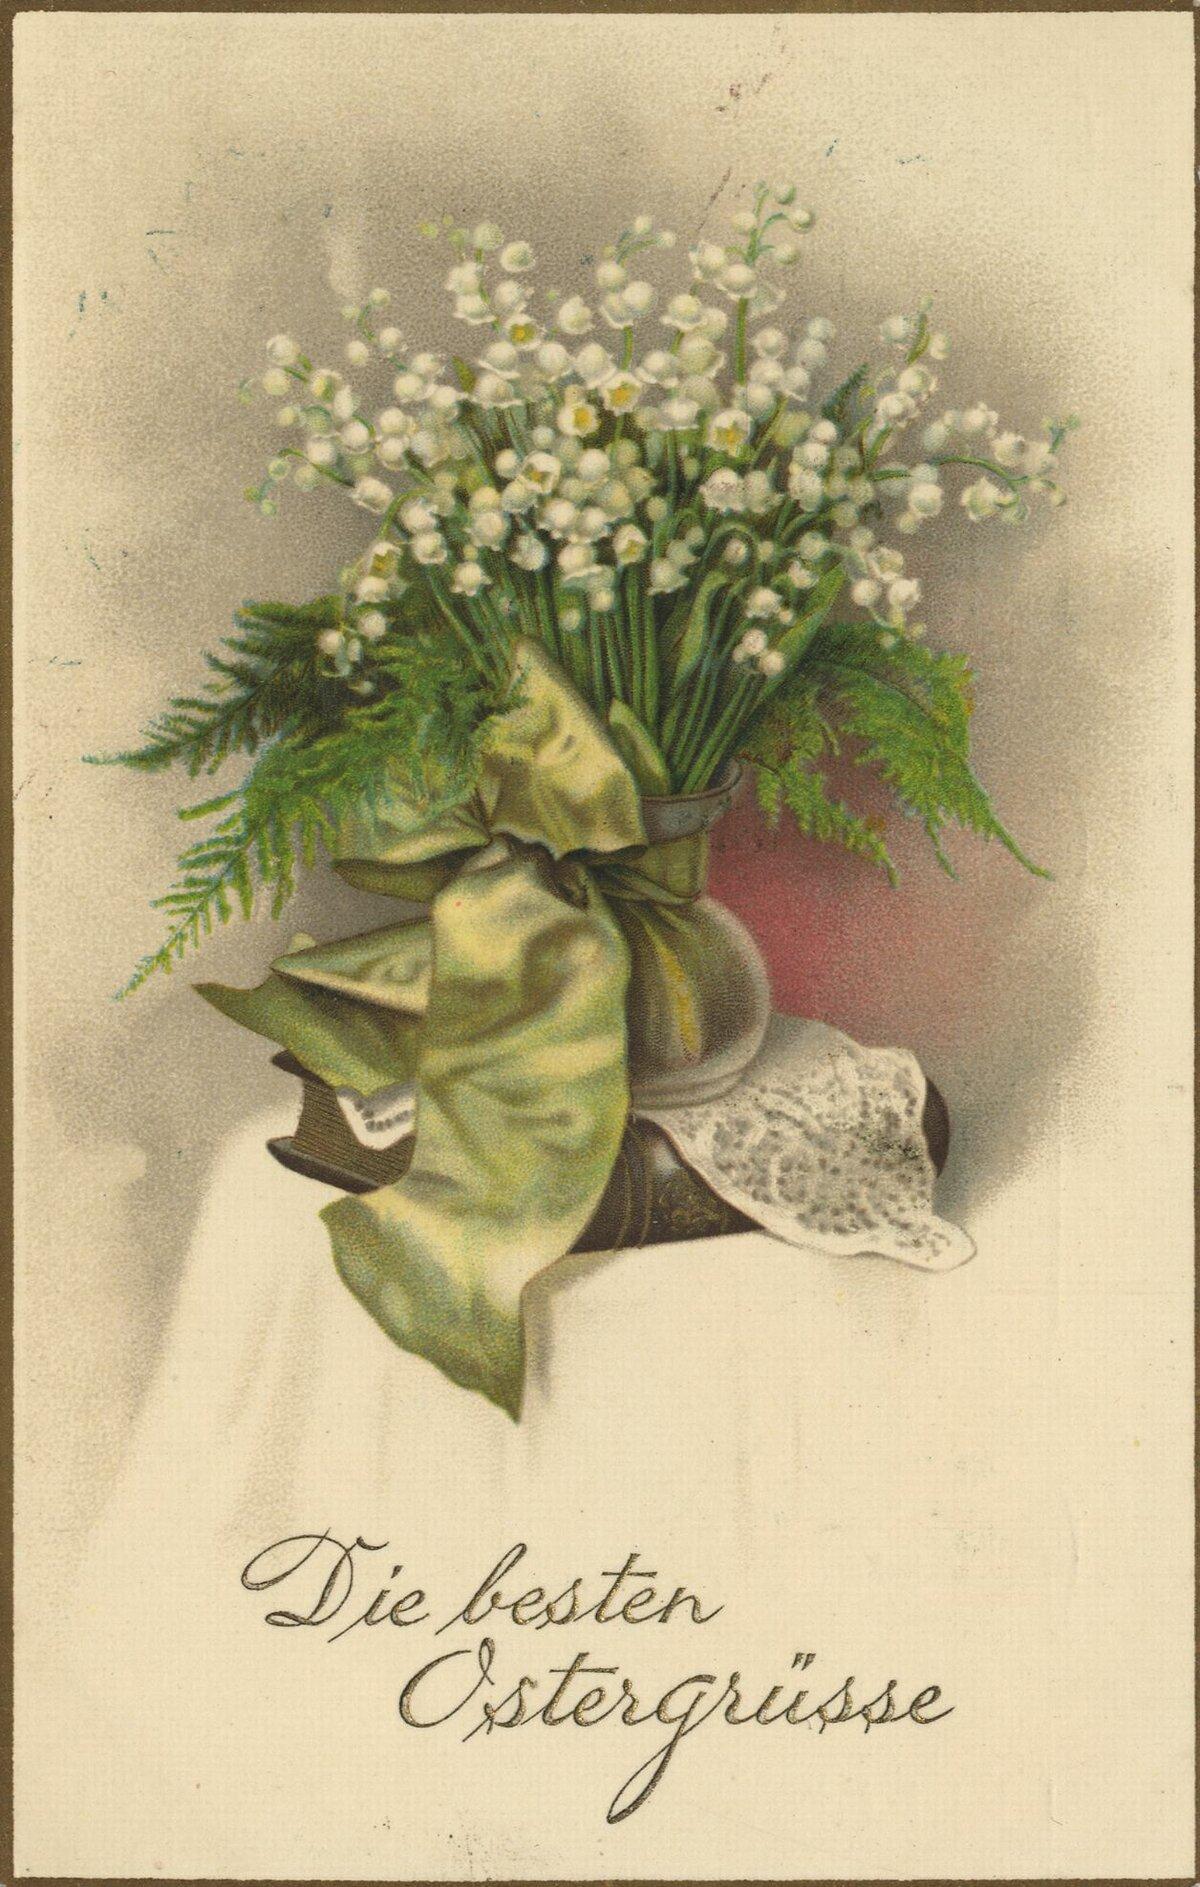 поздравления с днем рождения цветы картинки винтаж улыбается смайлики картинки